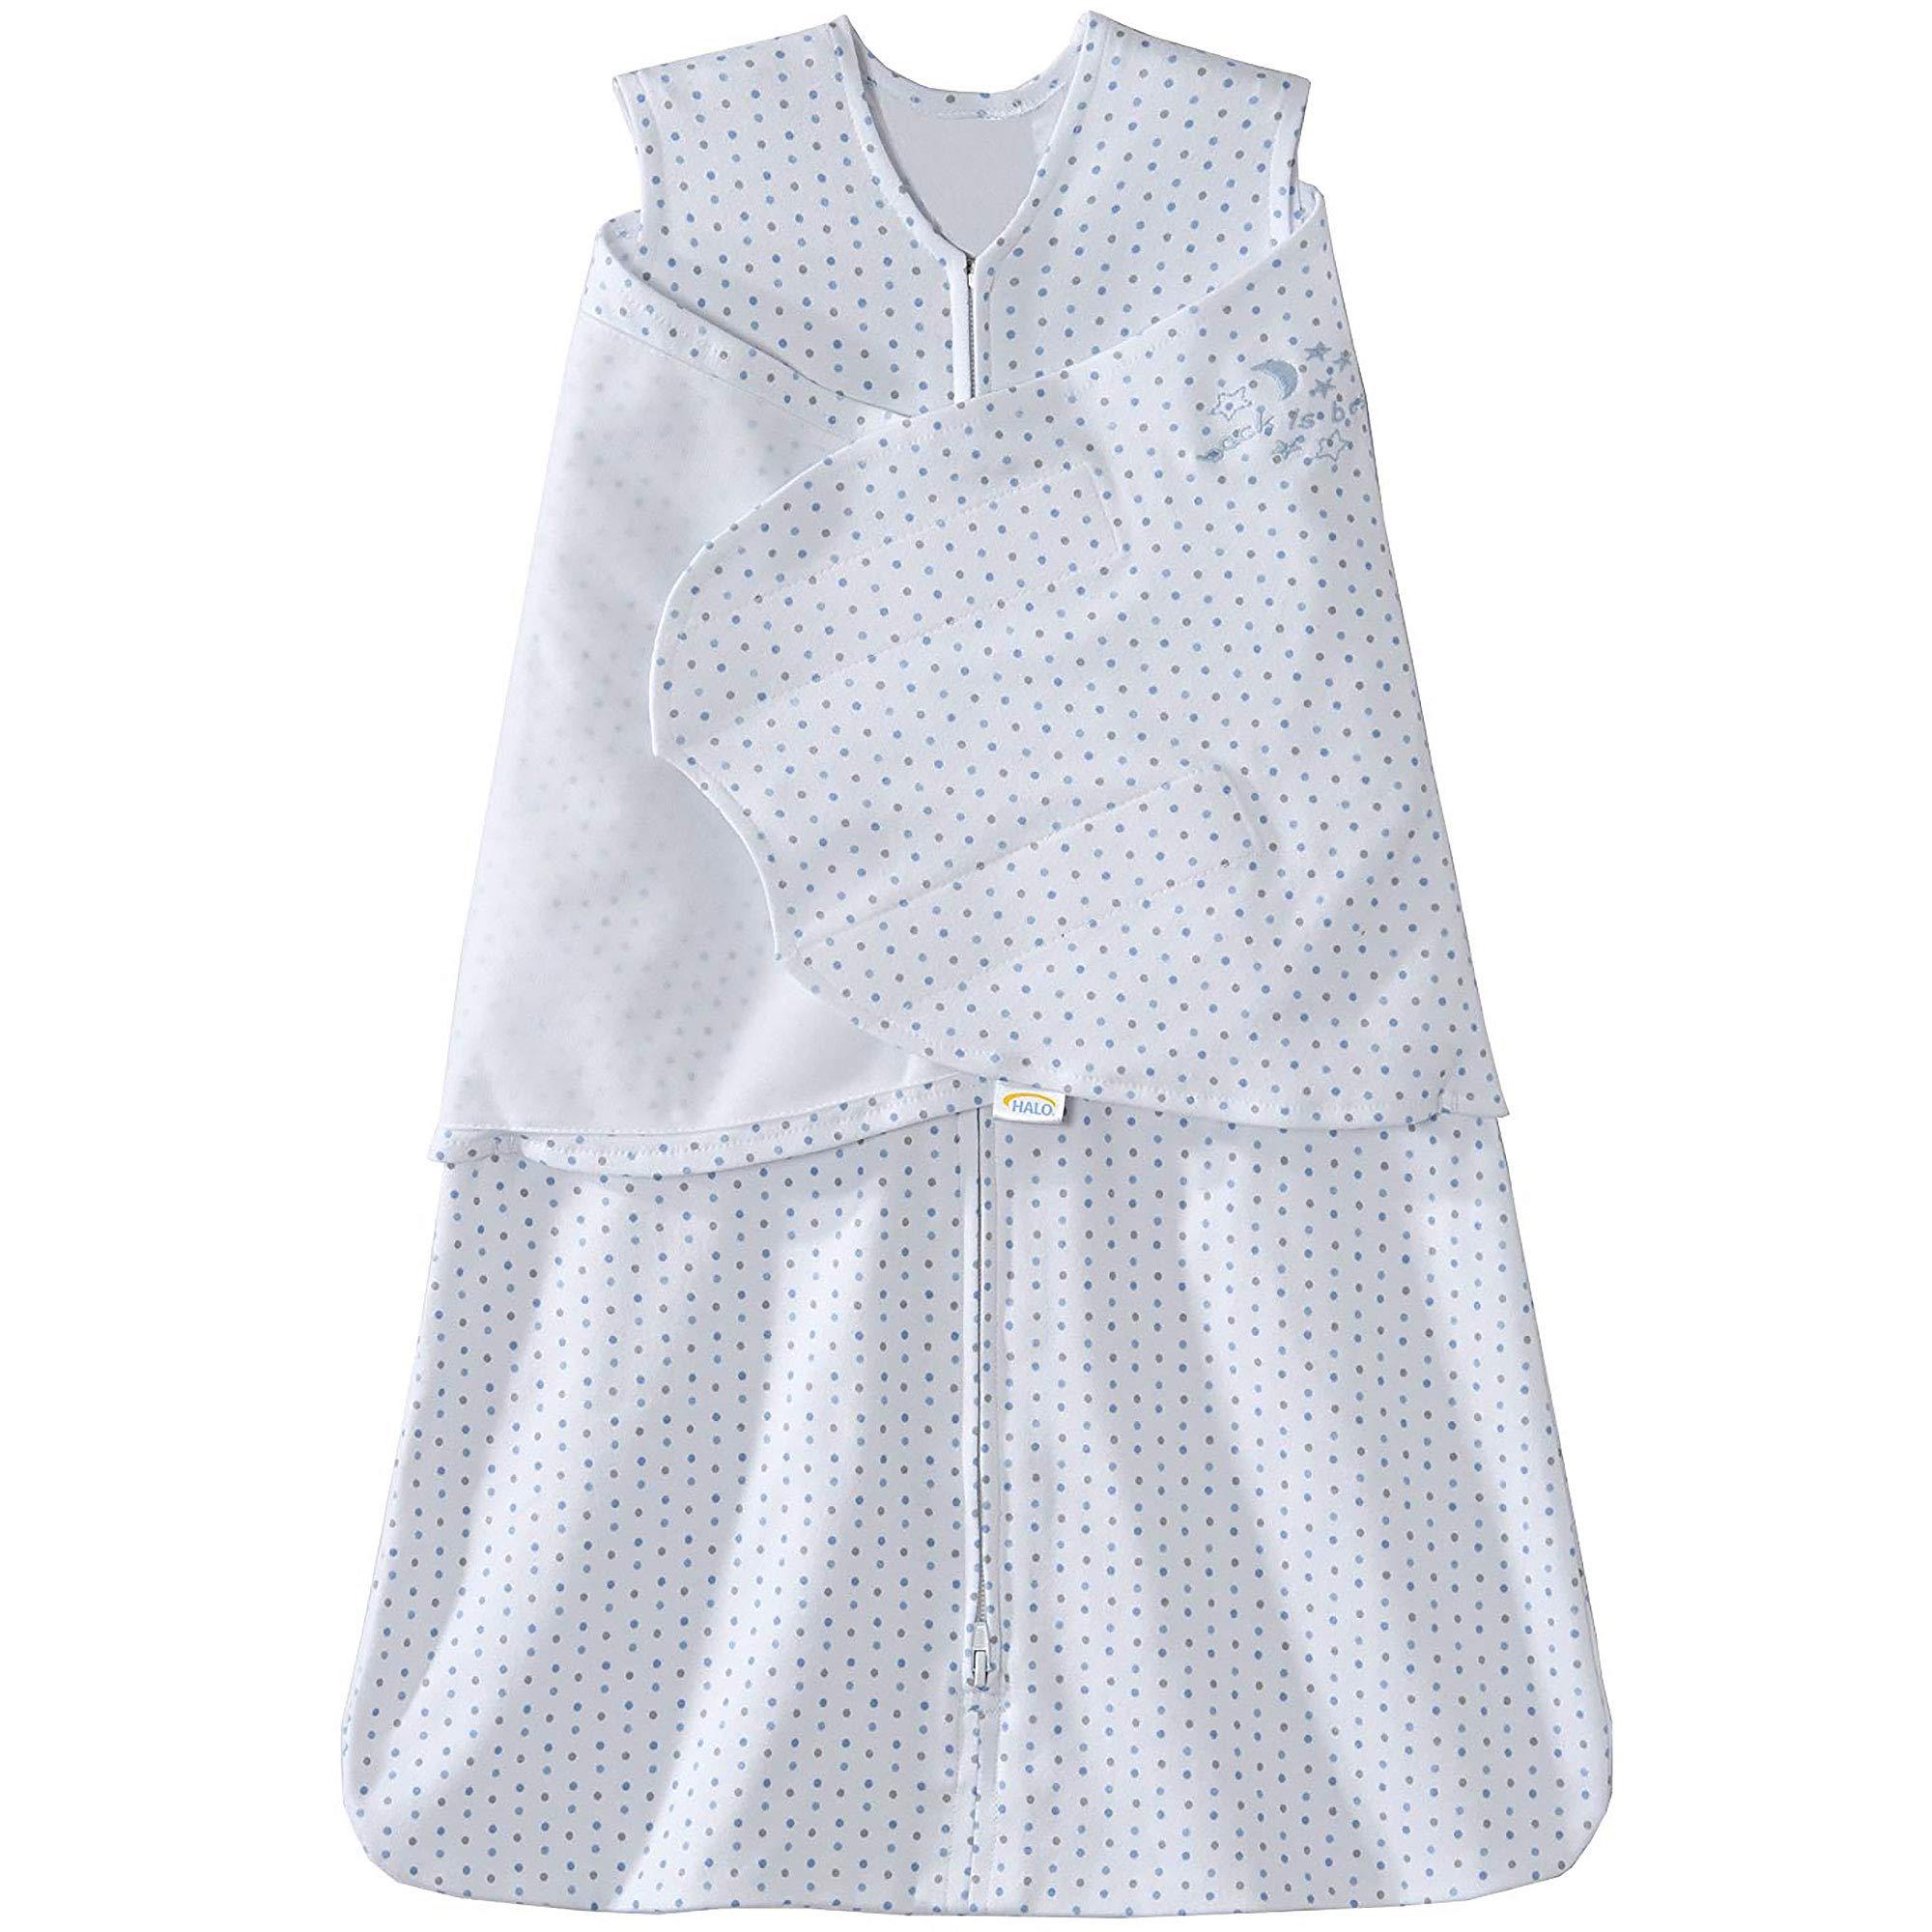 Halo Sleepsack 100% Cotton Swaddle, Blue and Grey Dot, Newborn